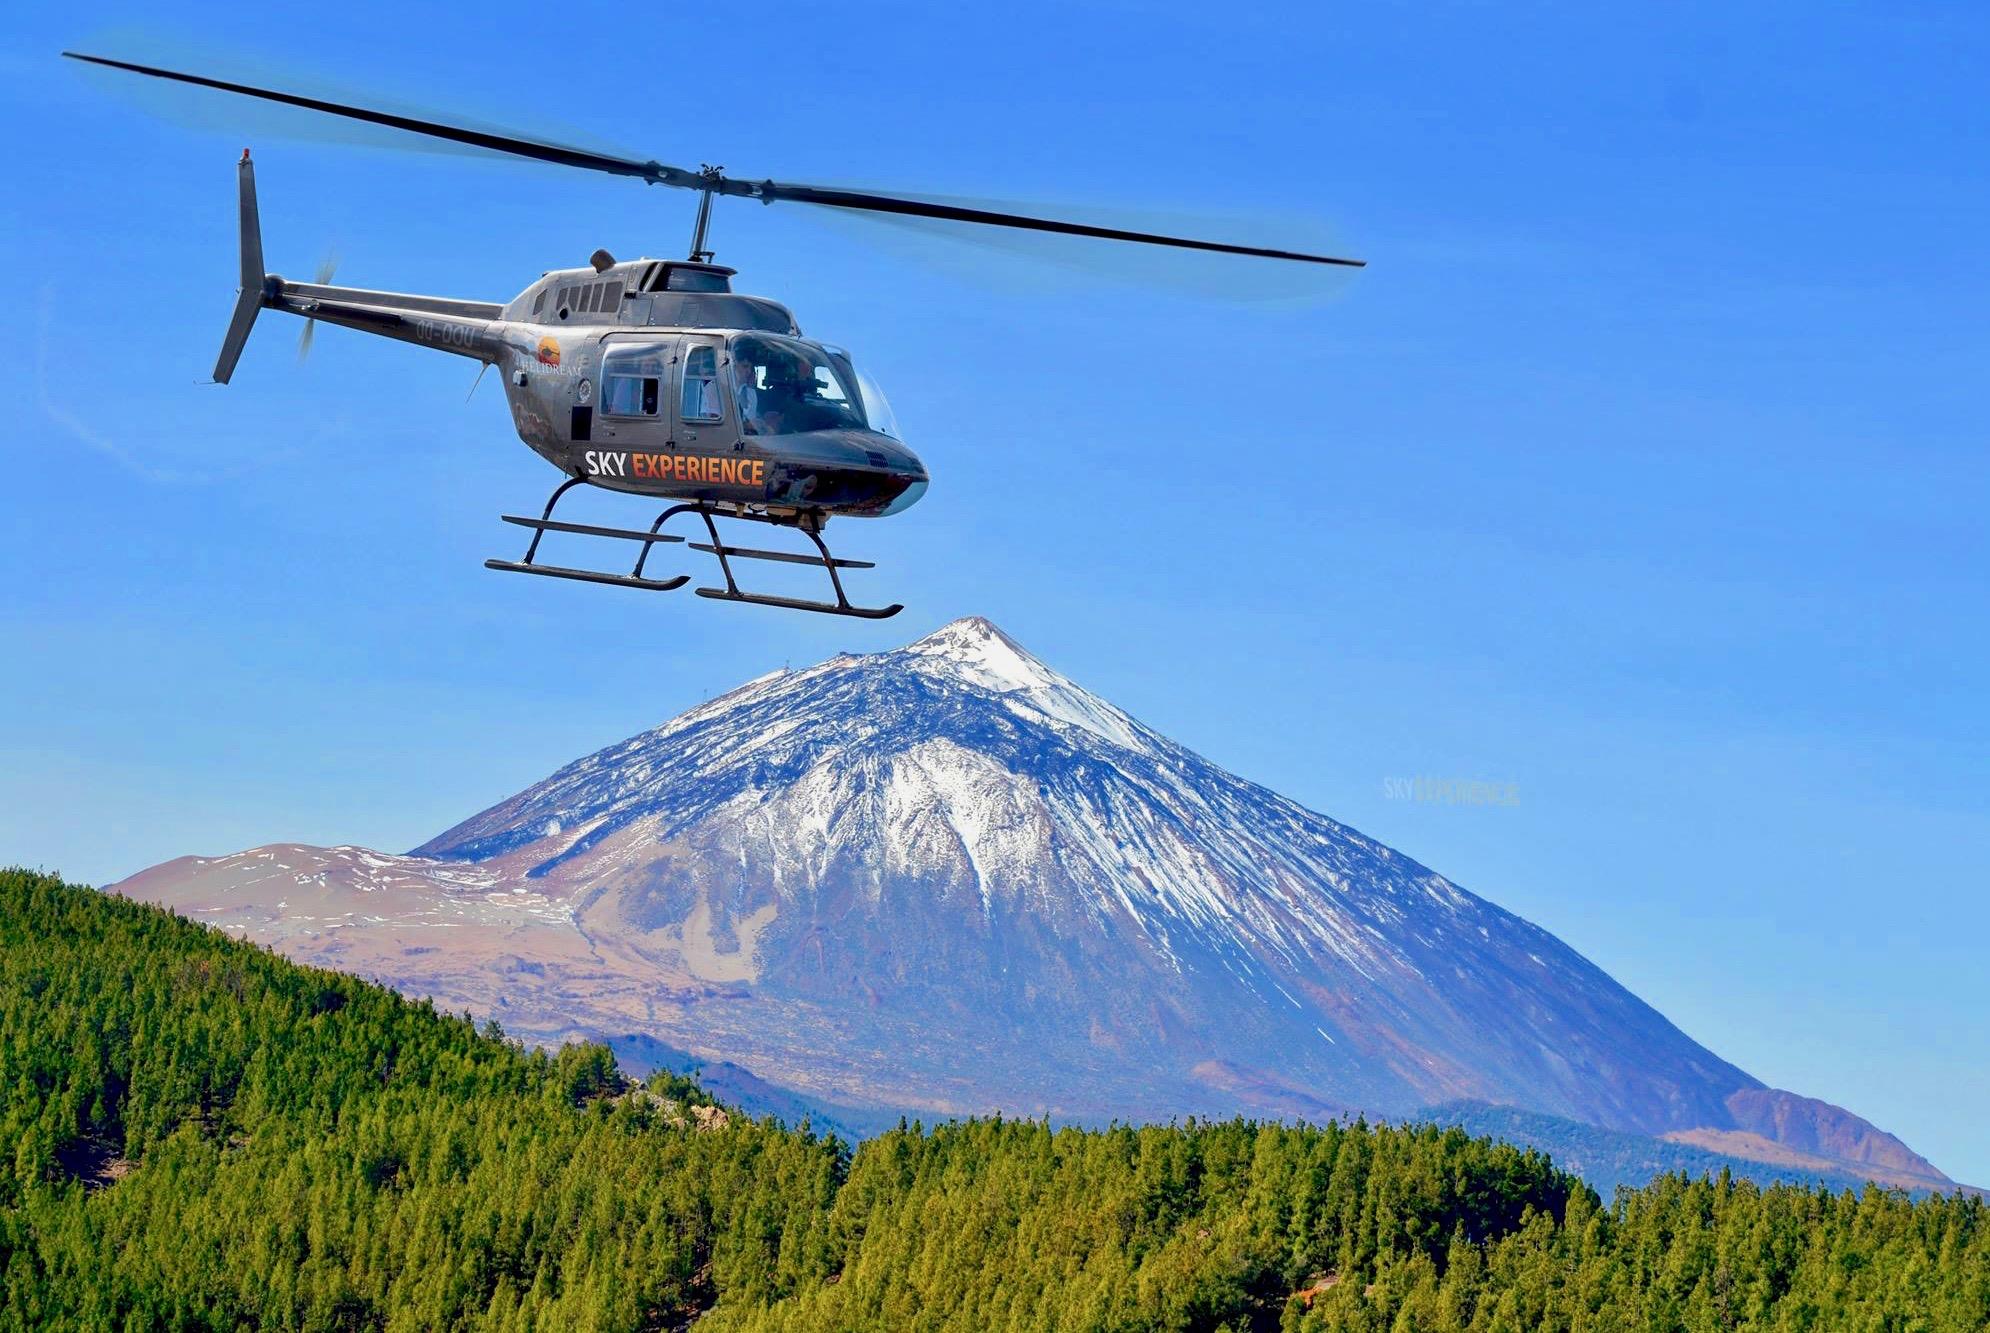 Increíble vista al pico del Teide cubierto de nieve en una excursión en helicóptero